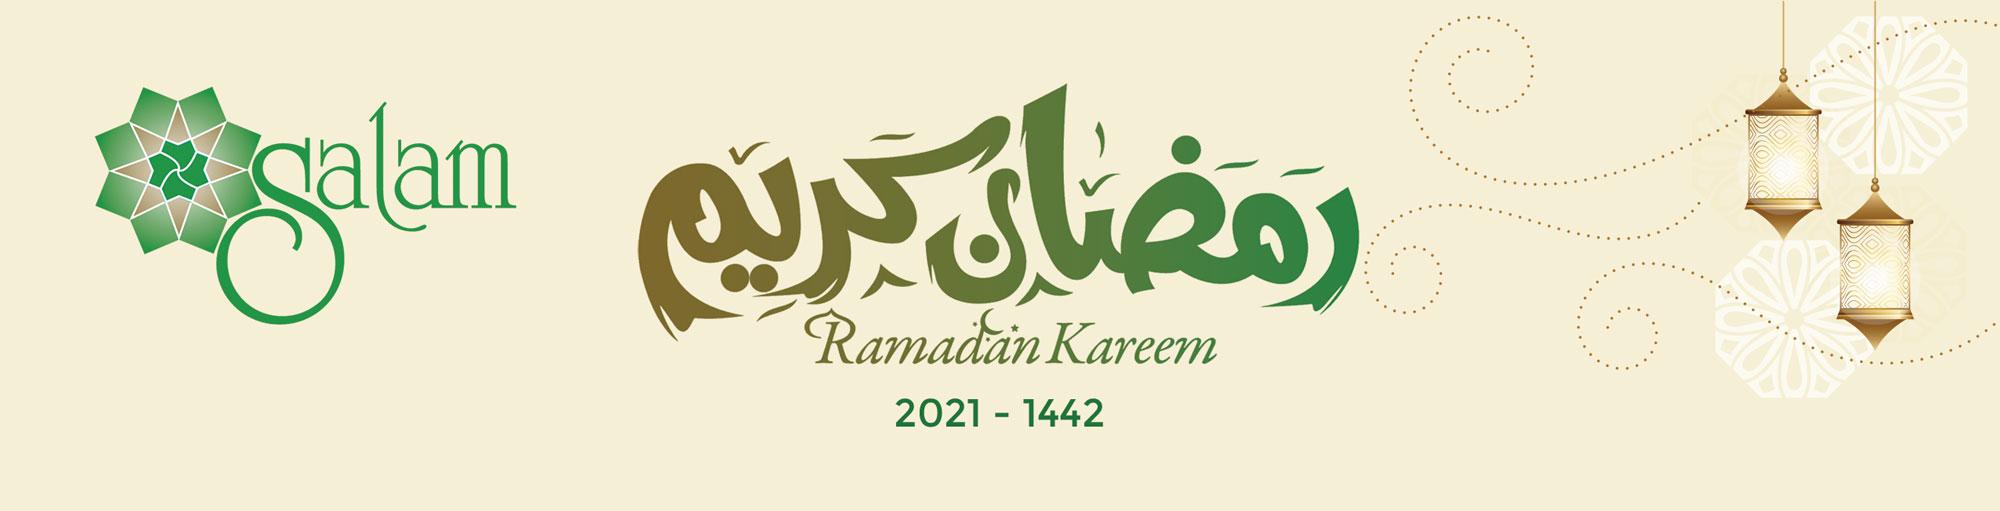 Ramadan Mubarak from SALAM Islamic Center - 2021 - 1442